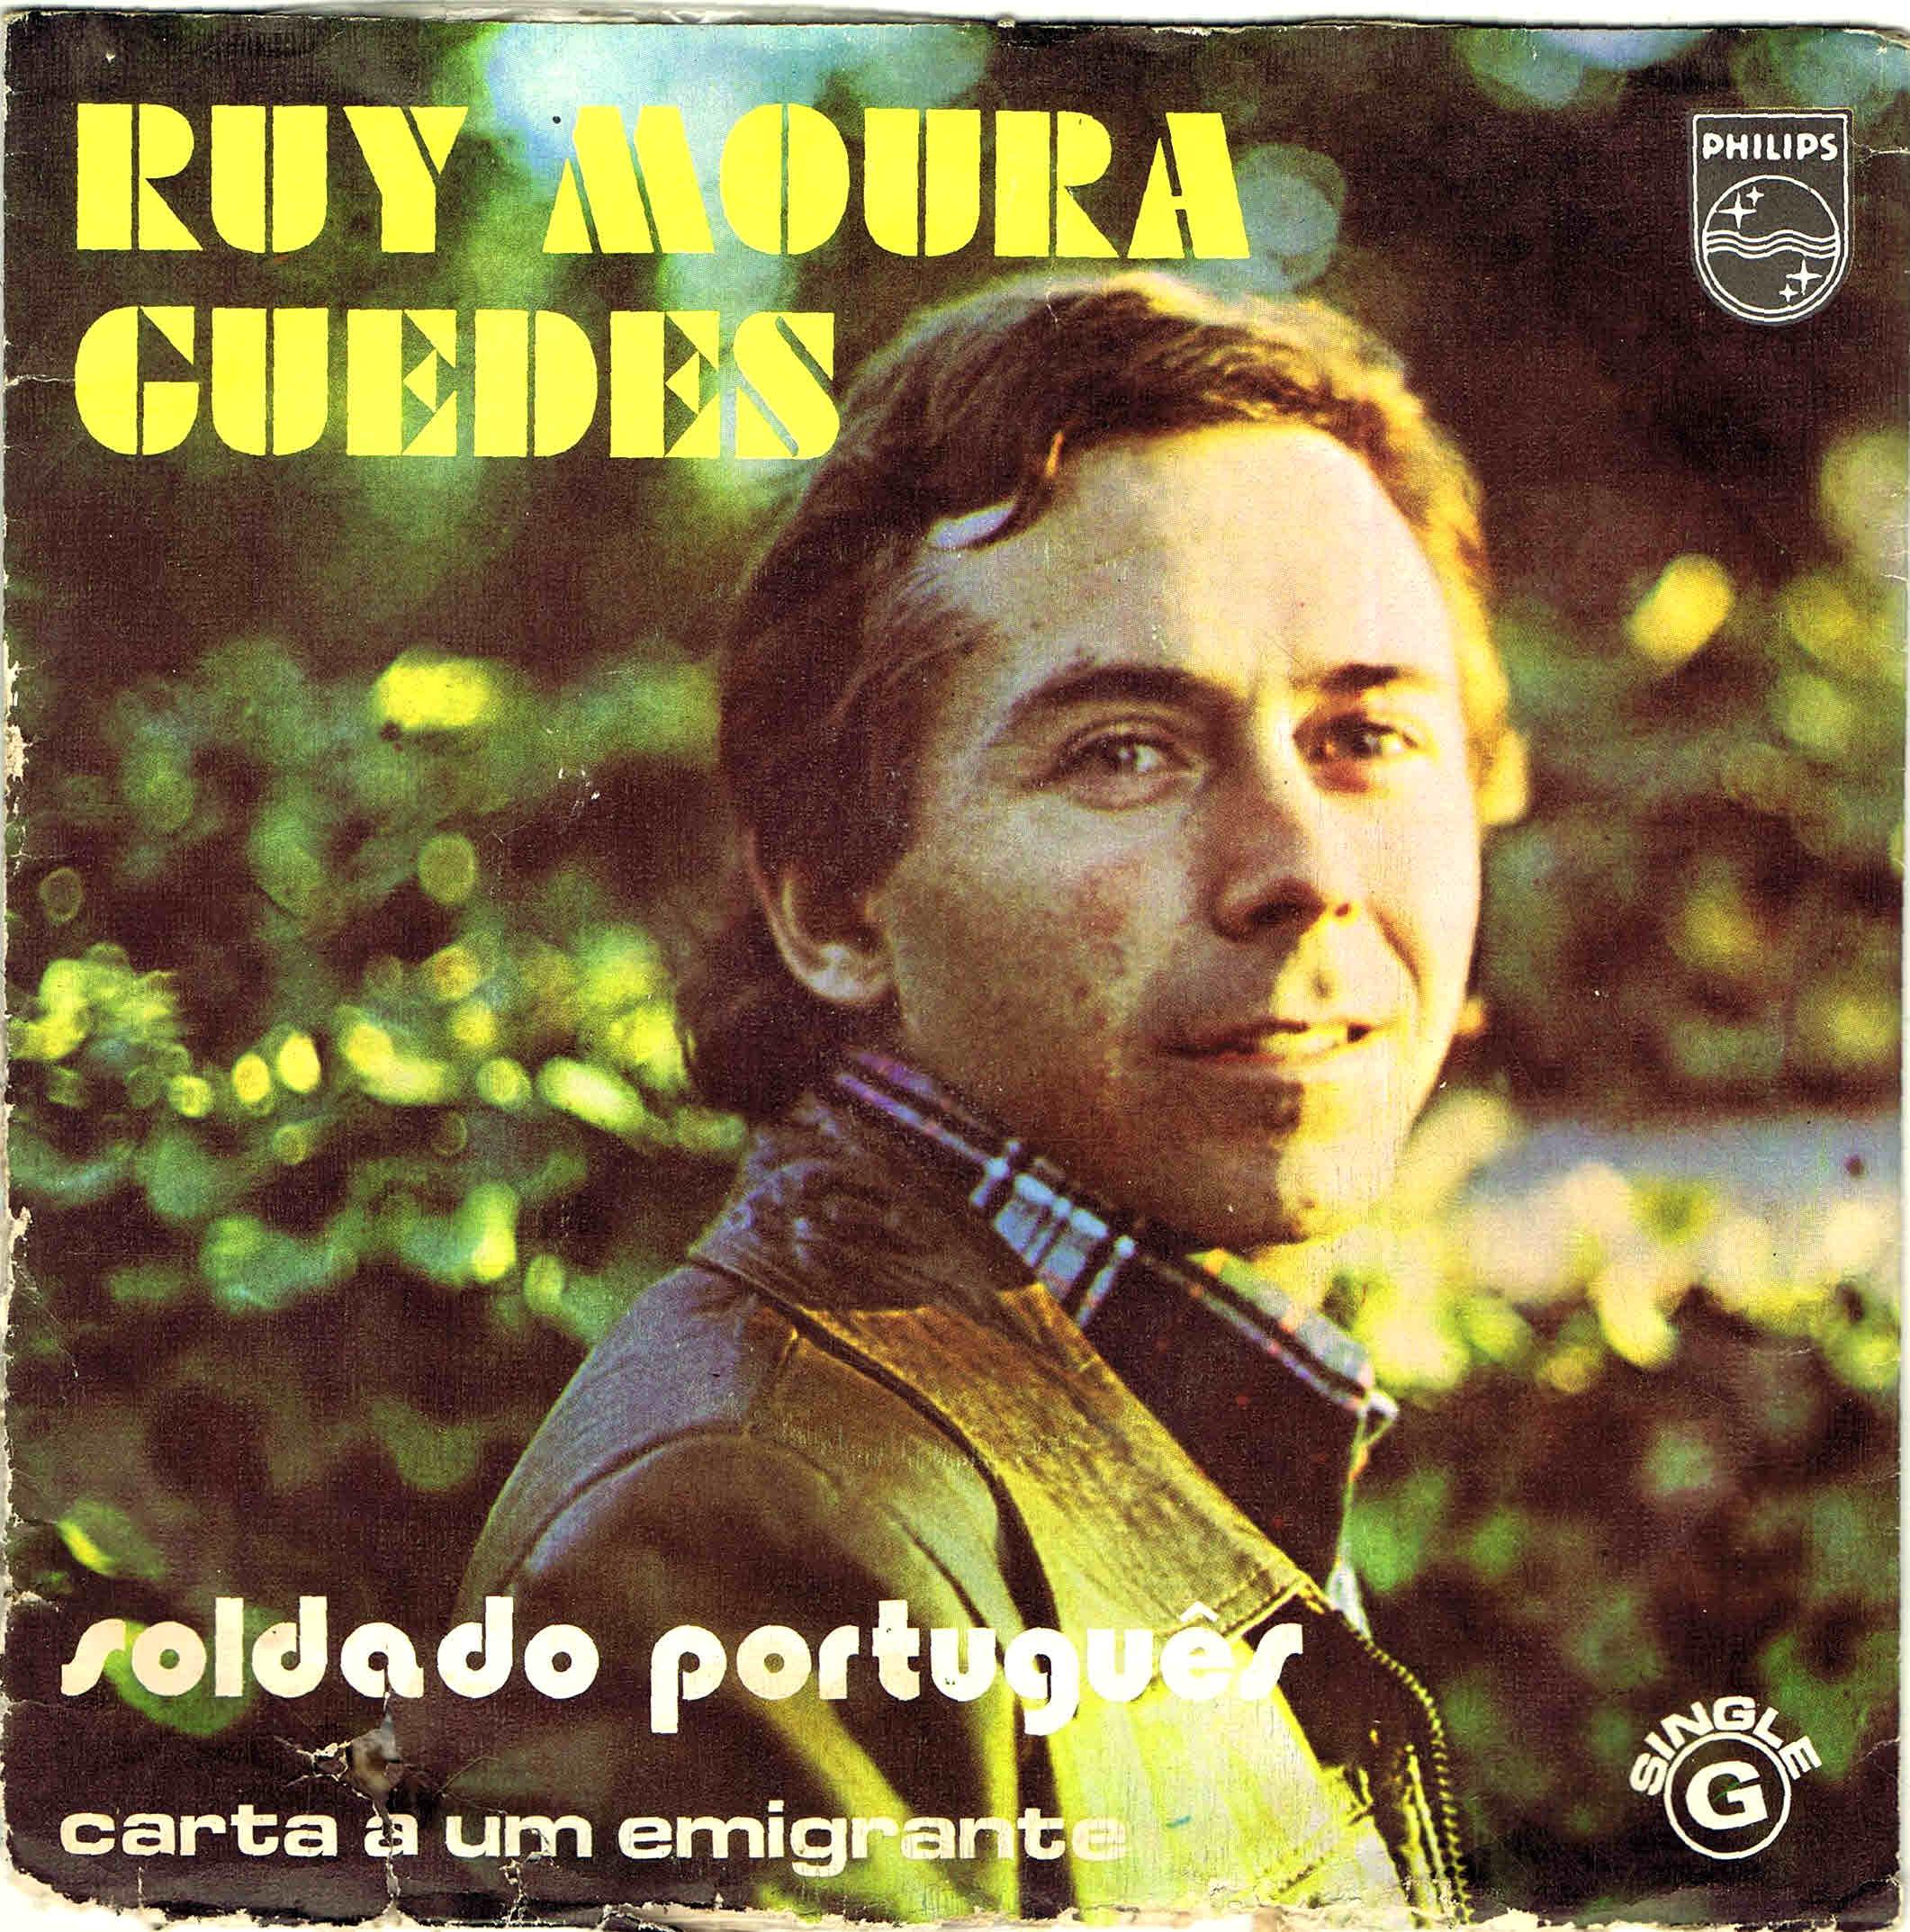 soldado portugues fr